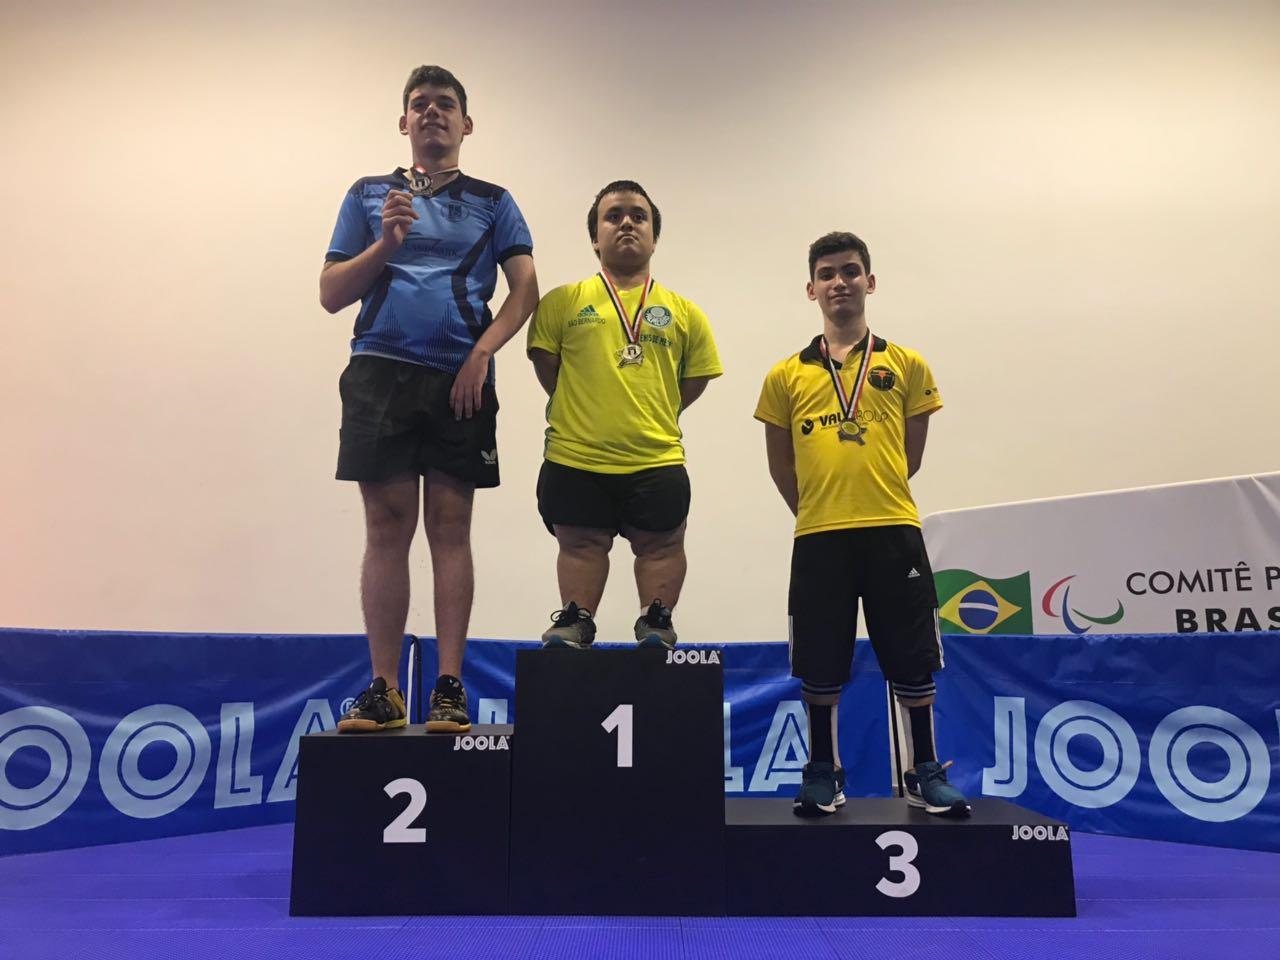 Tenis de mesa paraolimpico